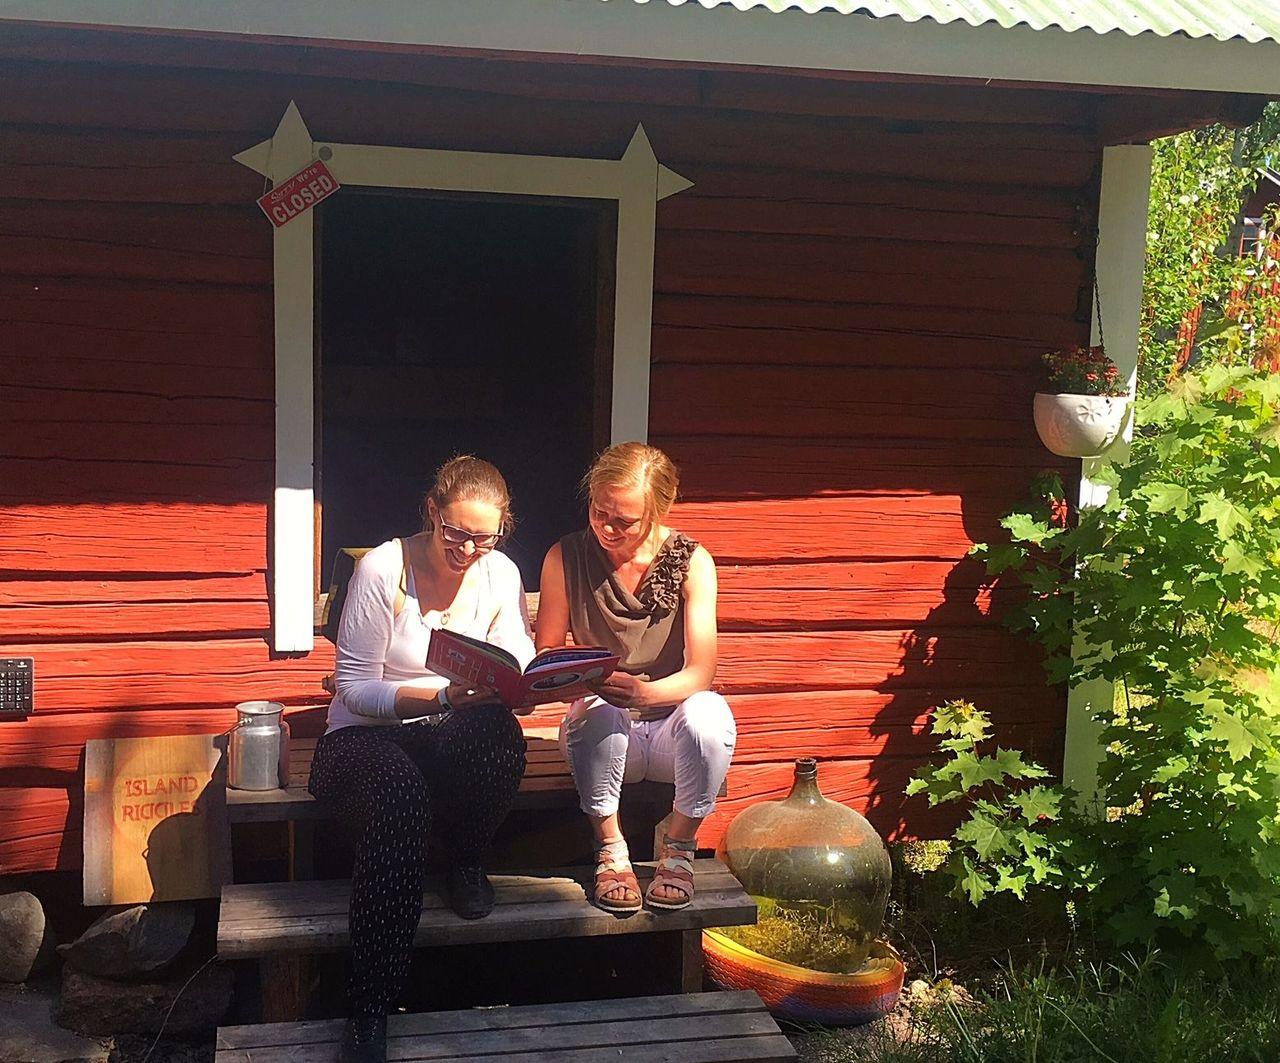 Island Riddles -seikkailureitin lähtöpaikassa yrittäjä Erika Eklund ja Posintran projektipäällikkö Annika Weckman